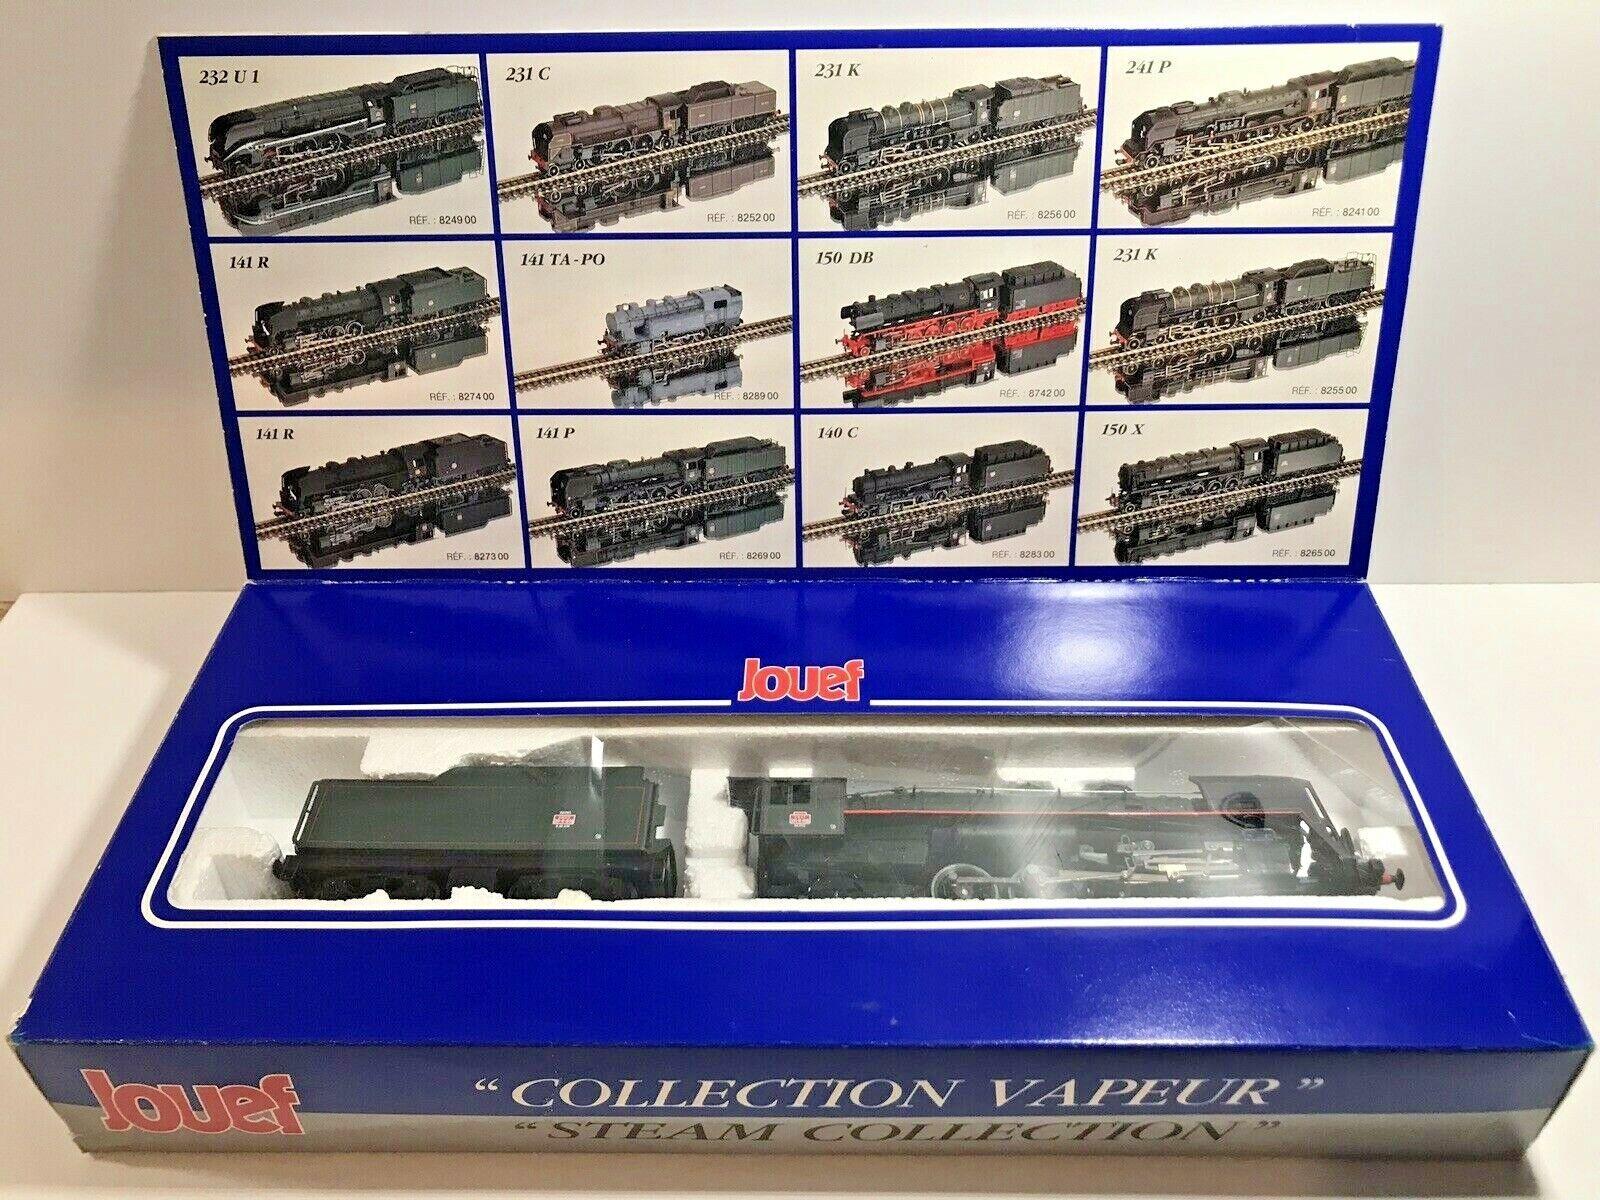 Jouef 827400 - Locomotive à Vapeur 141 R 416 tender 30 R 416 Reims HO, état neuf